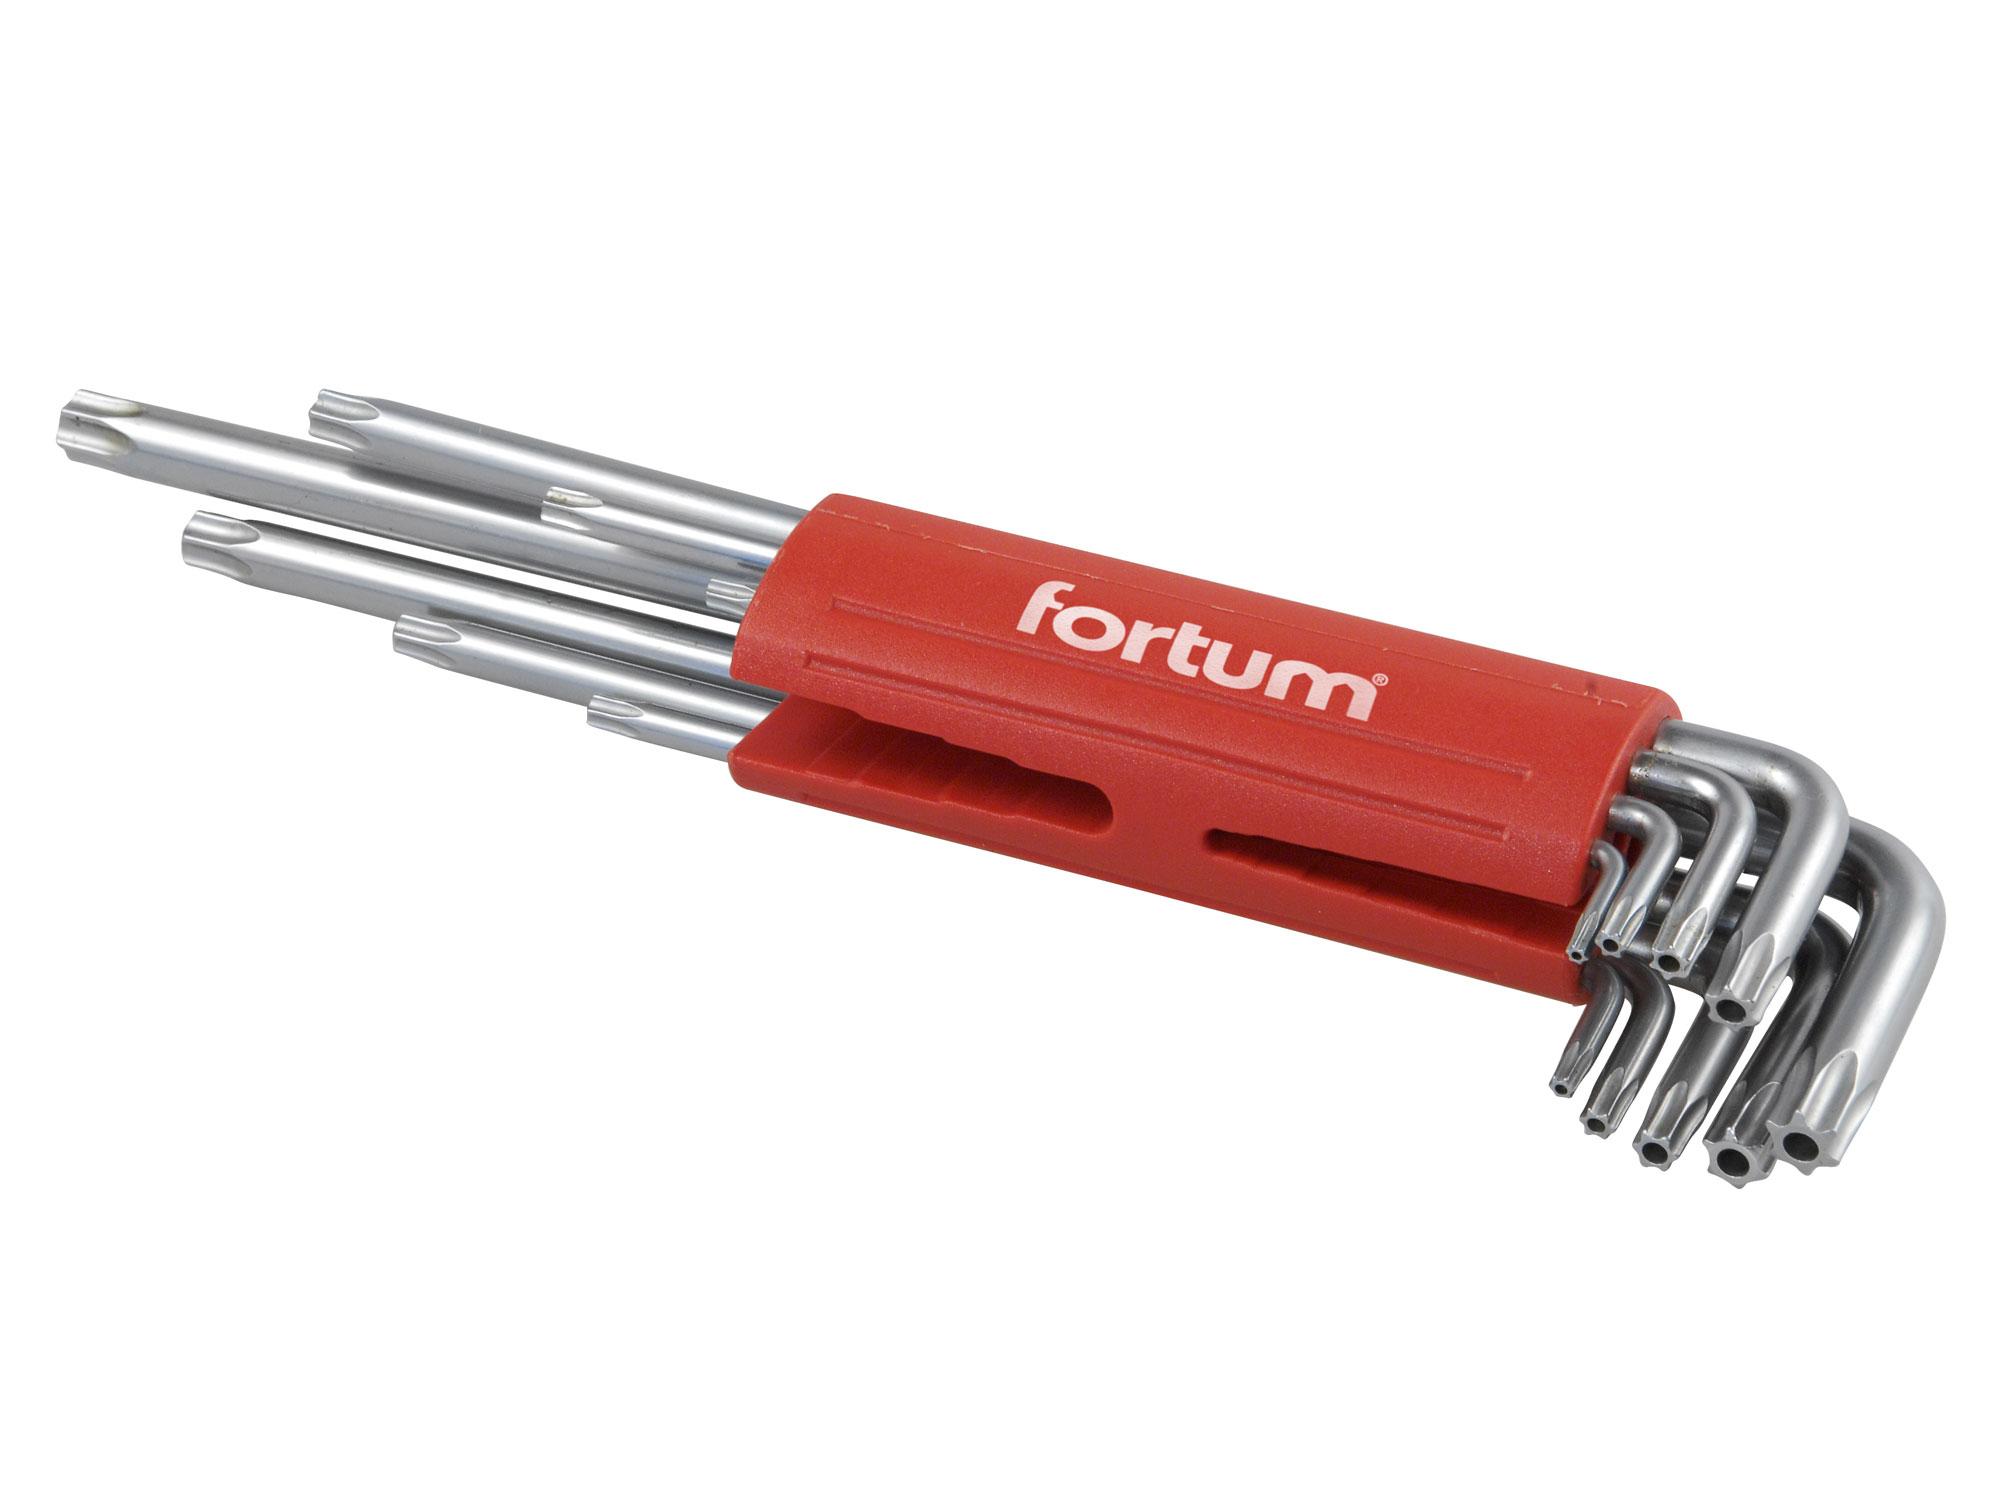 L-klíče TORX vrtané, prodloužené, sada 9ks, 10-50mm